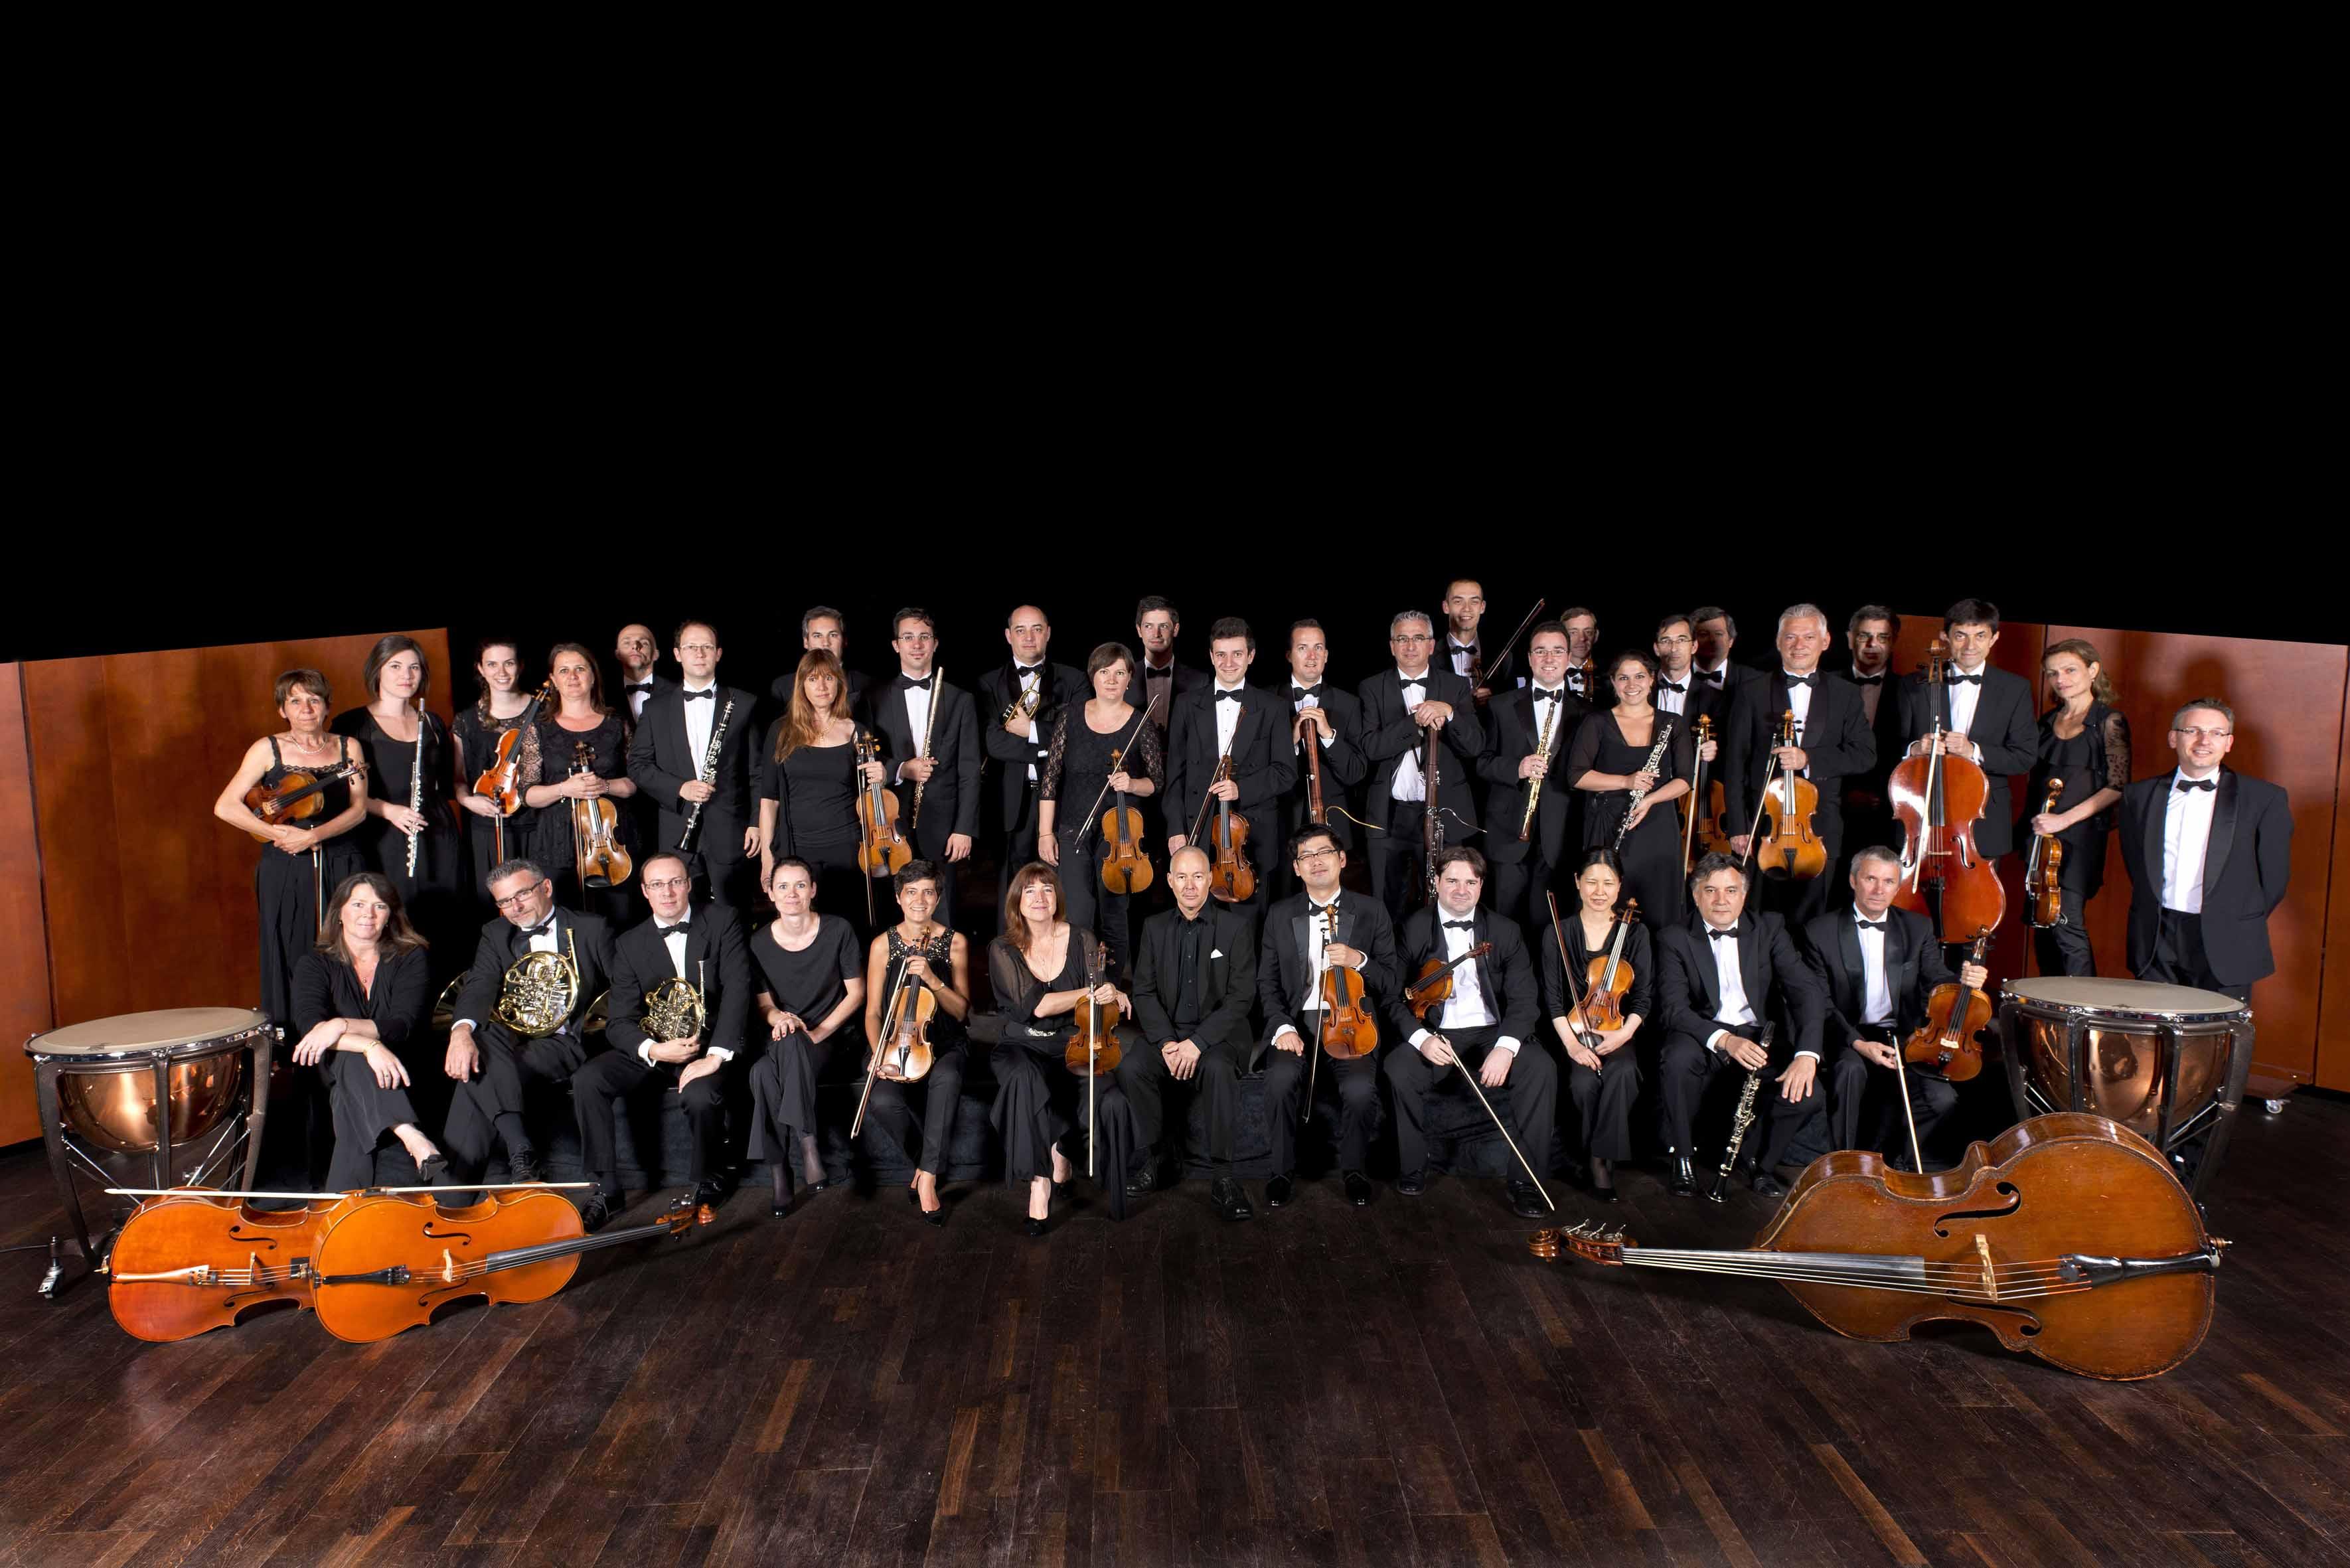 Nuits musicales de mazaugues votre soir e du 2 ao t for Chamber l orchestre de chambre noir